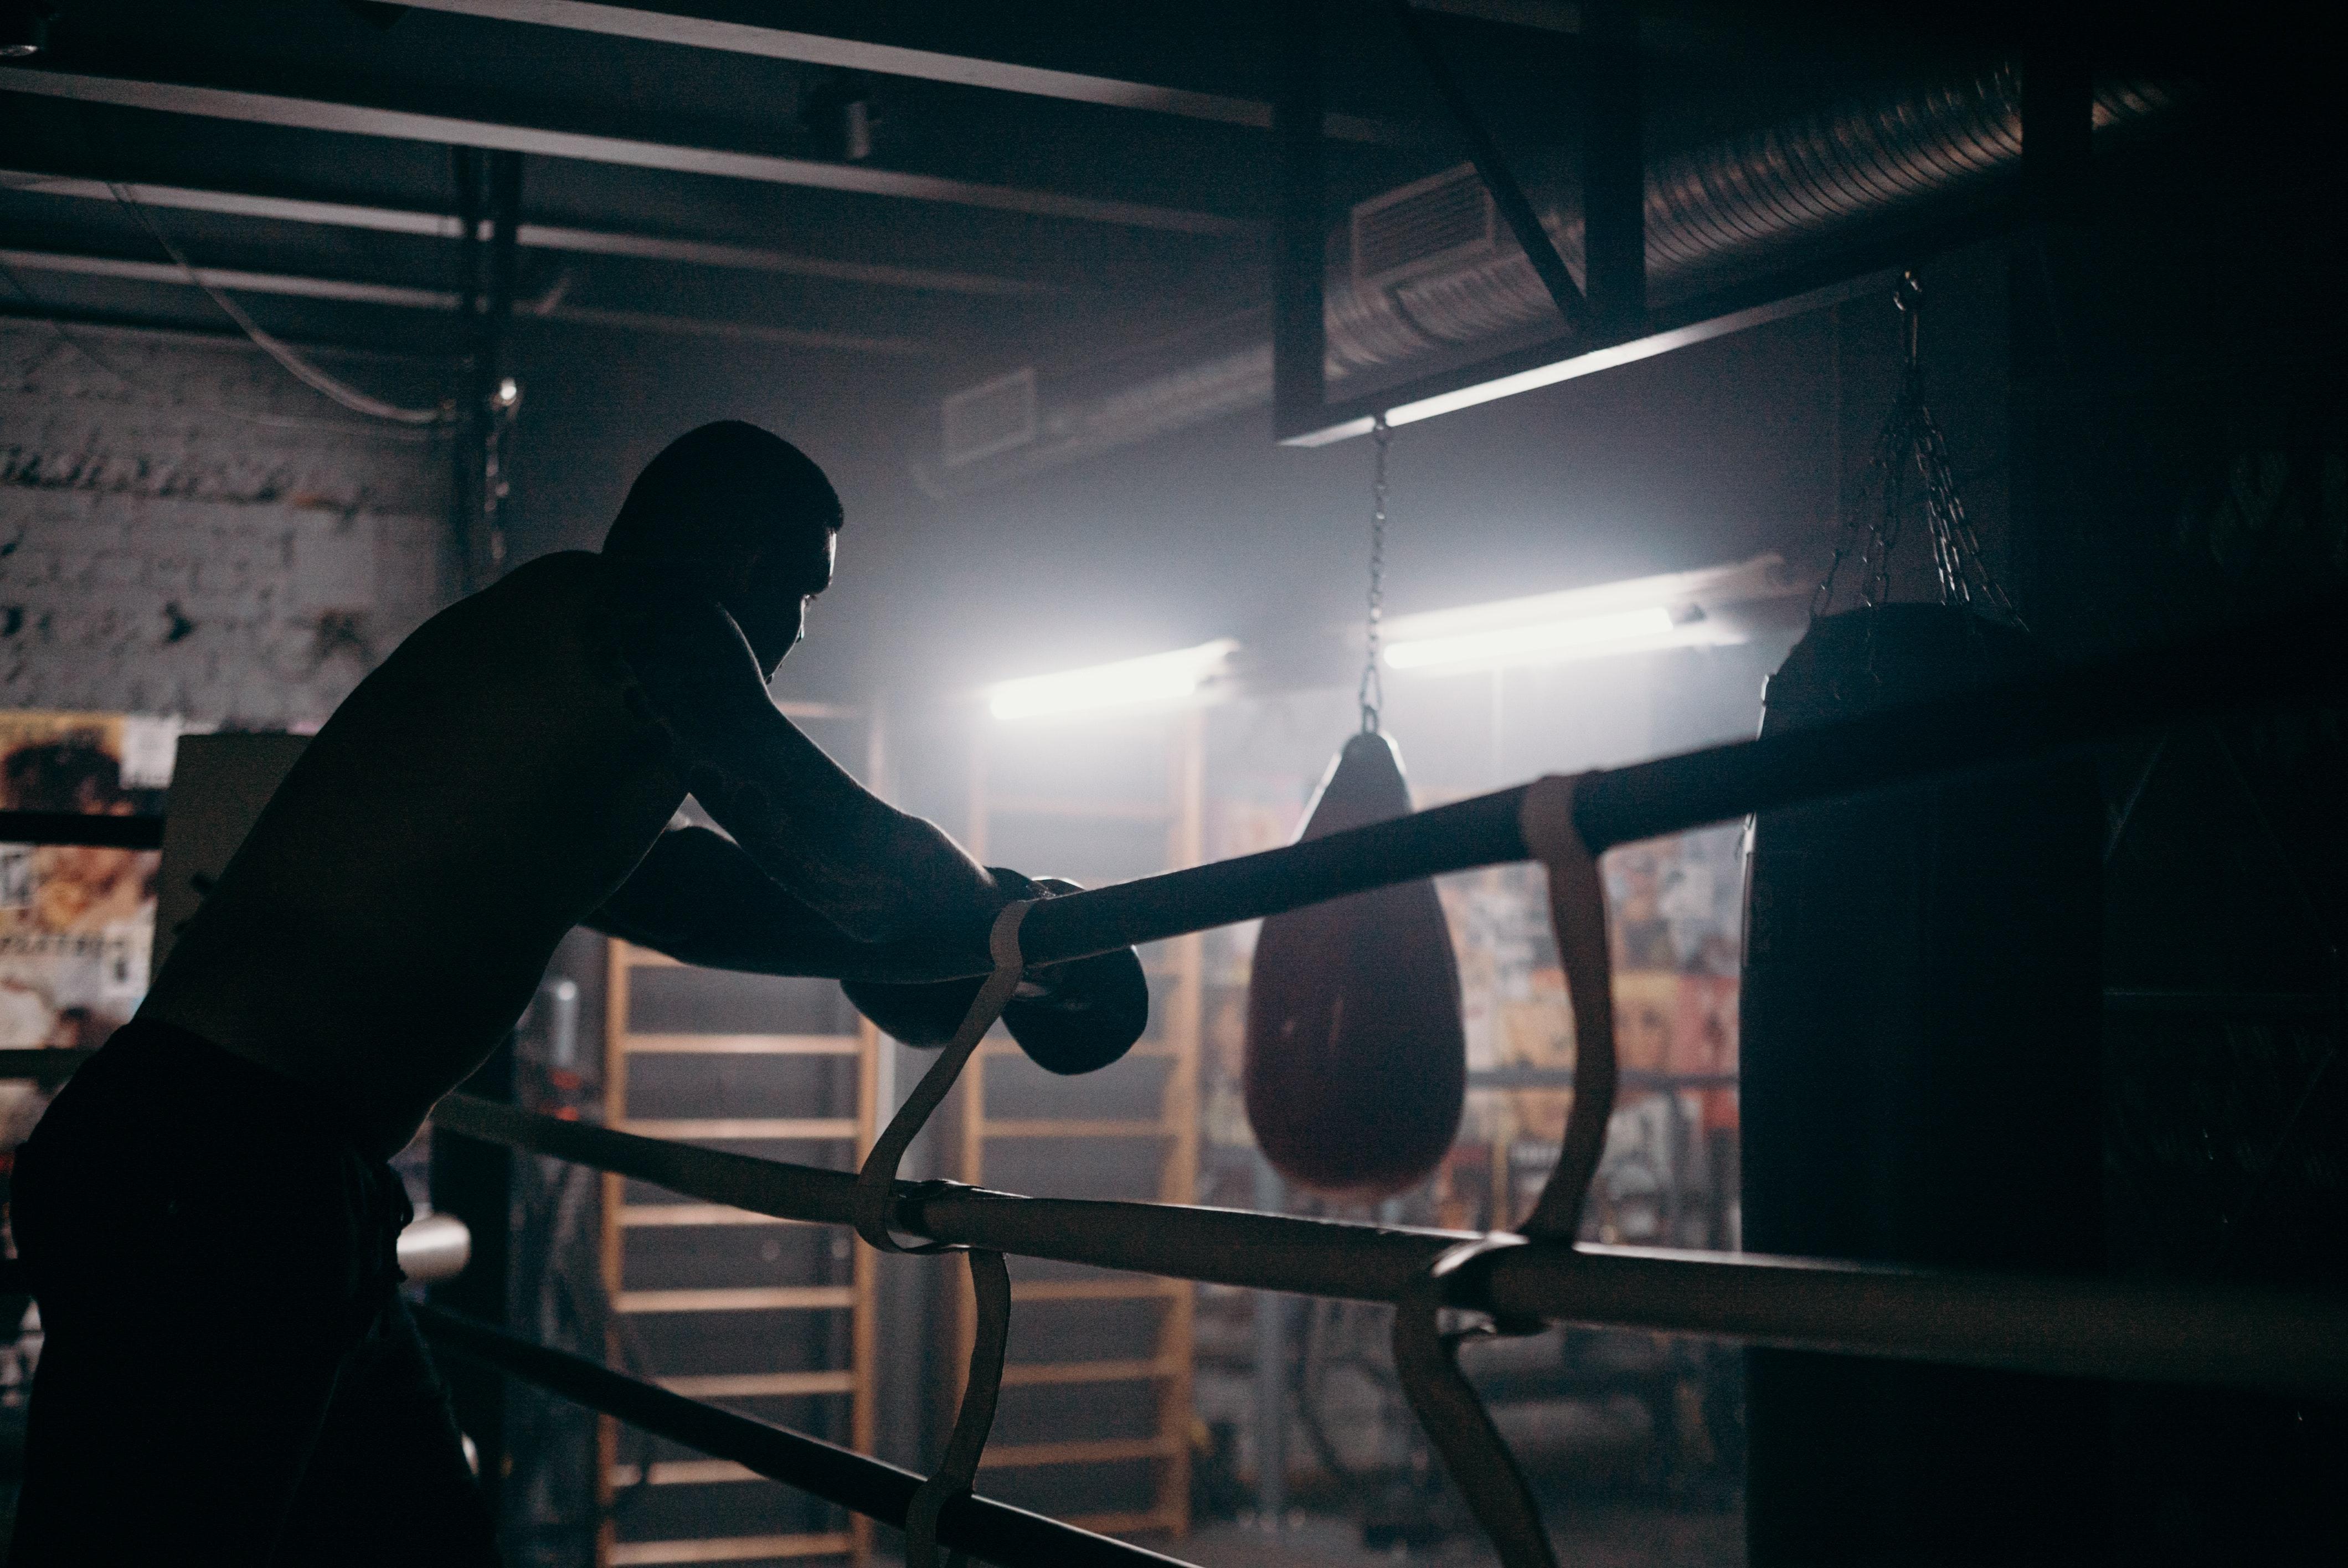 Muhammad Ali a bordo del ring appoggiato sulle corde.